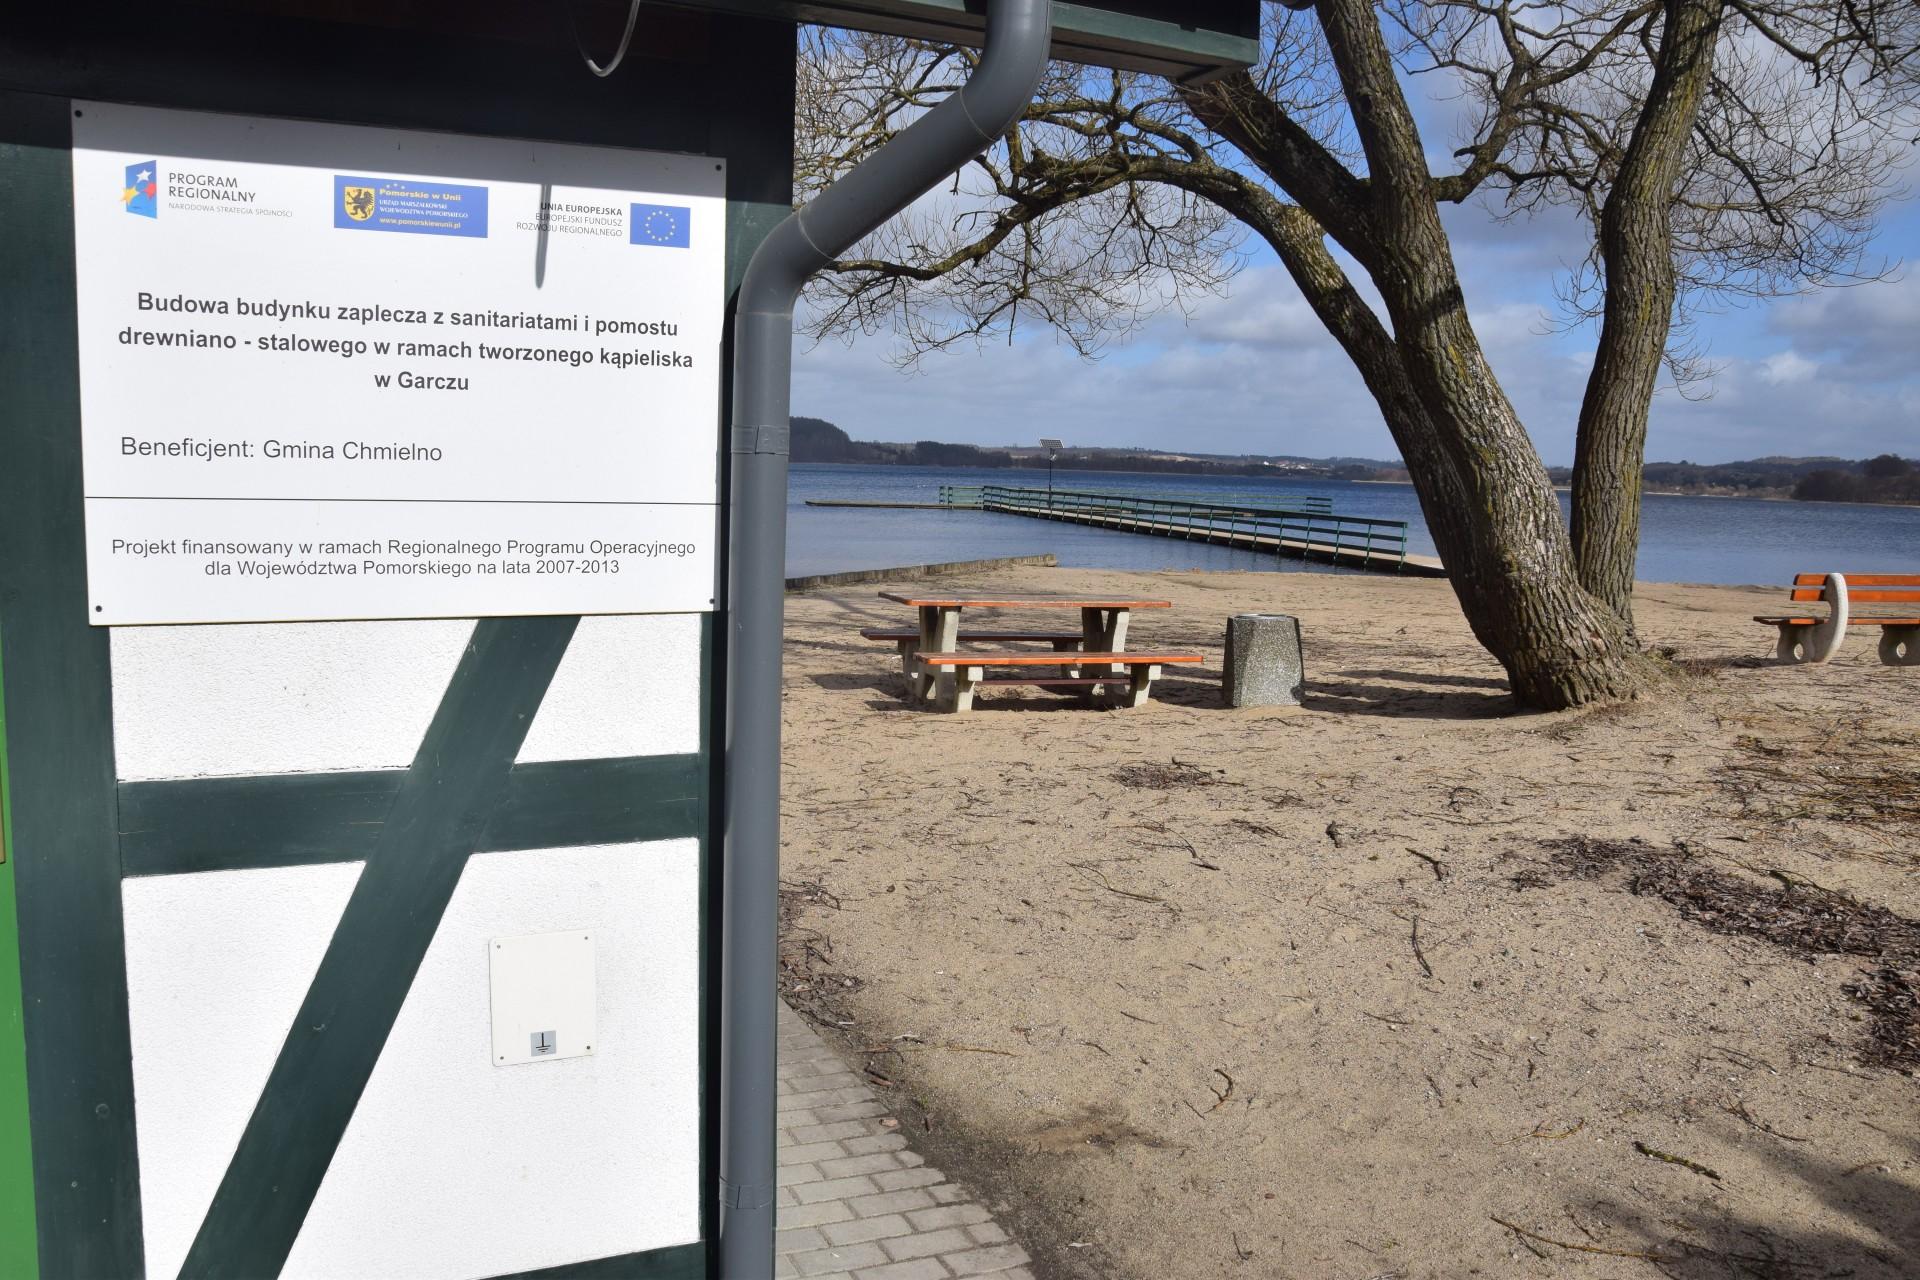 Droga Kaszubska. Kąpielisko w Garczu - jez. Łapalickie (1) Fot. Tomasz Słomczyński_Magazyn Kaszuby